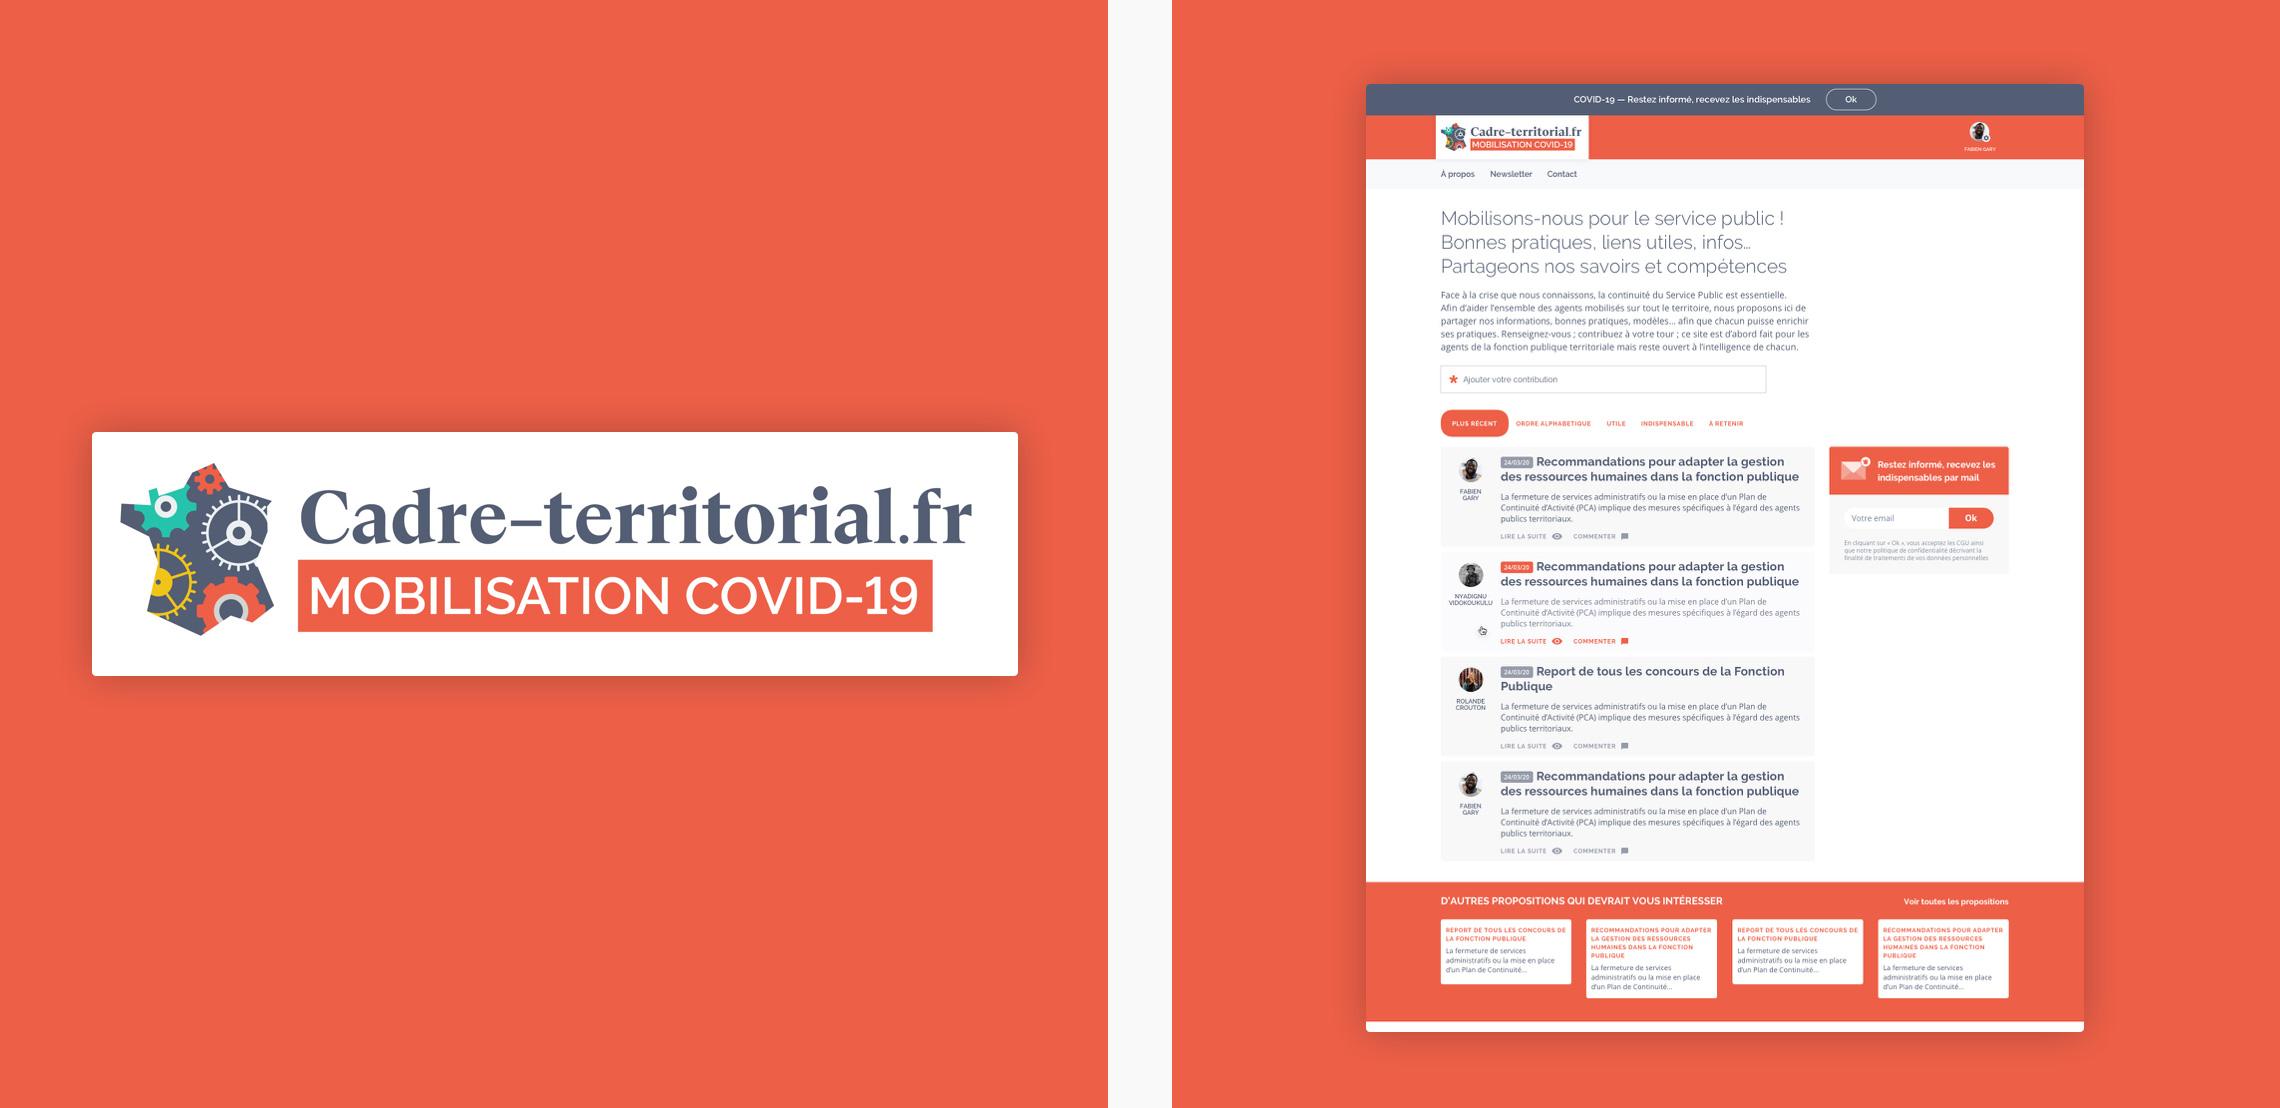 Visuel de Cadre-territorial.fr special covid19